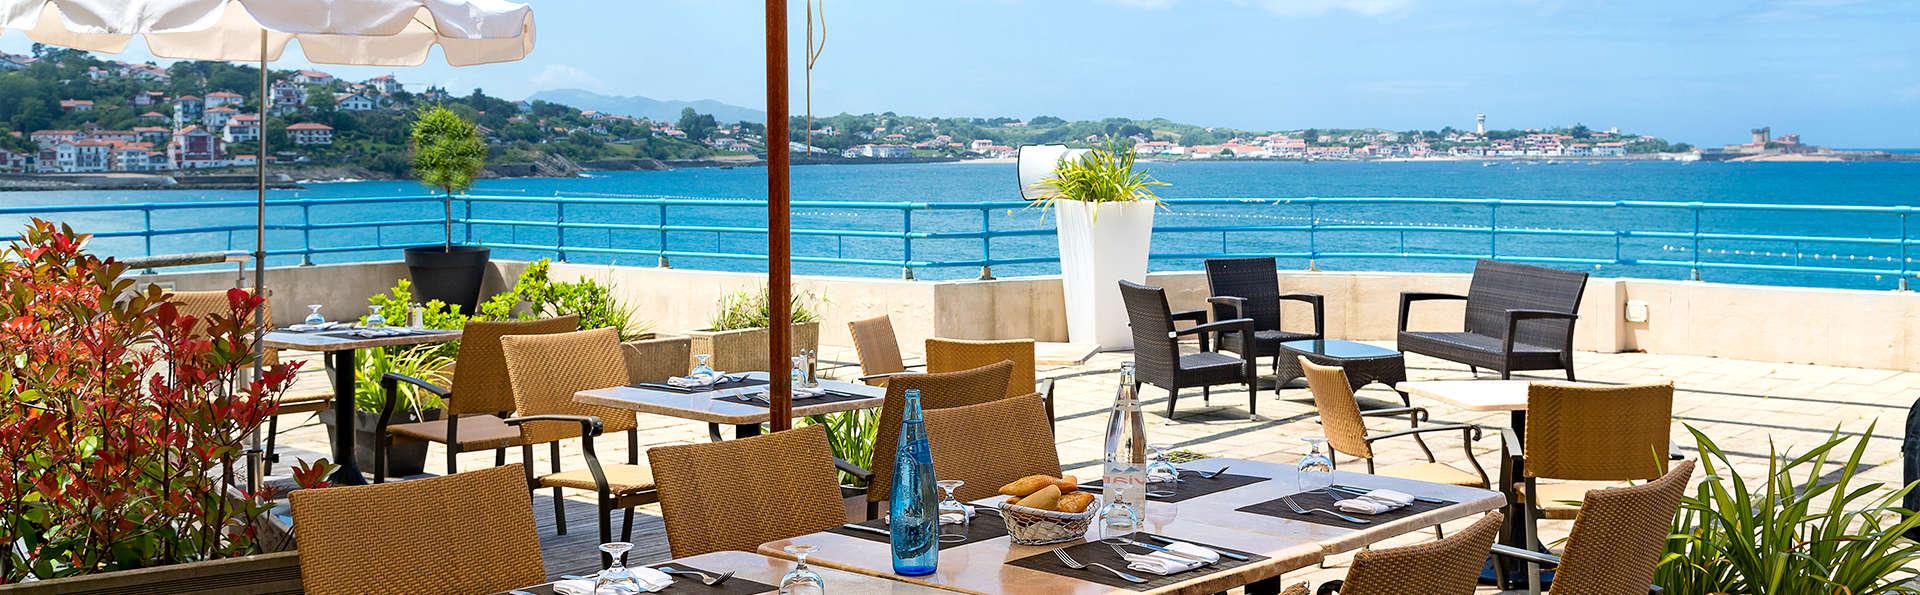 Escapada relax con cena junto al mar, en el corazón de Saint-Jean-de-Luz